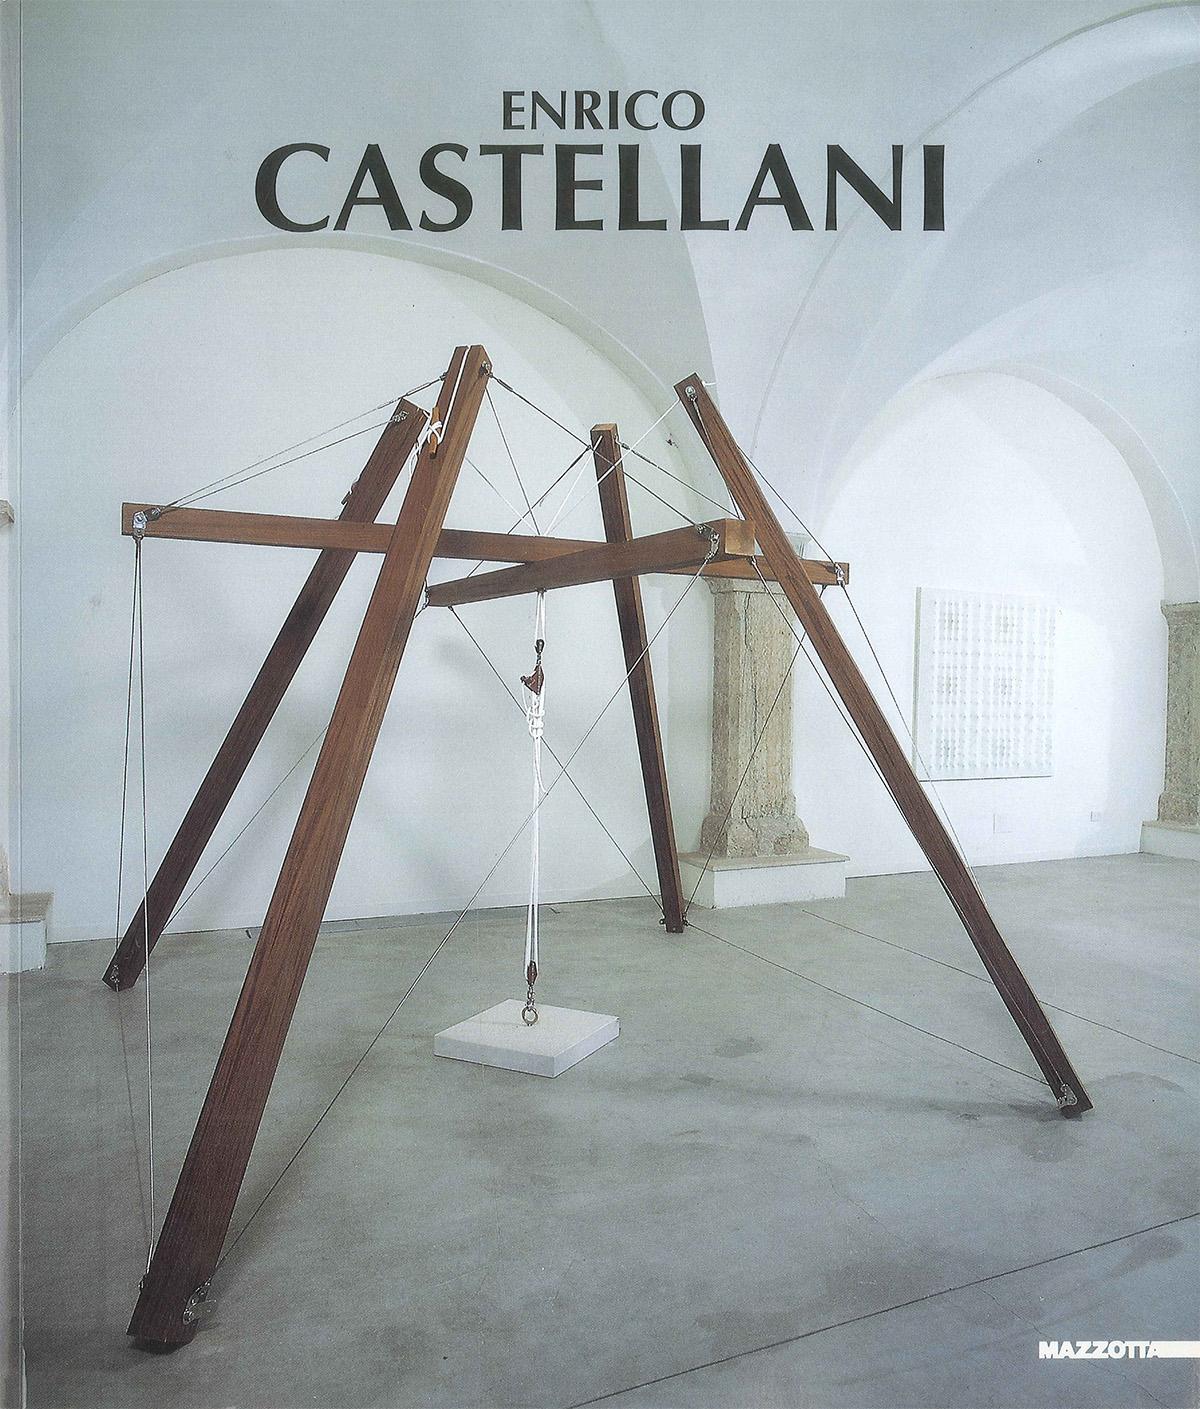 Cover - Enrico Castellani, Vittoria Coen, 1999, Galleria Civica di Arte Contemporanea, Trento, Edizioni Mazzotta, Milano